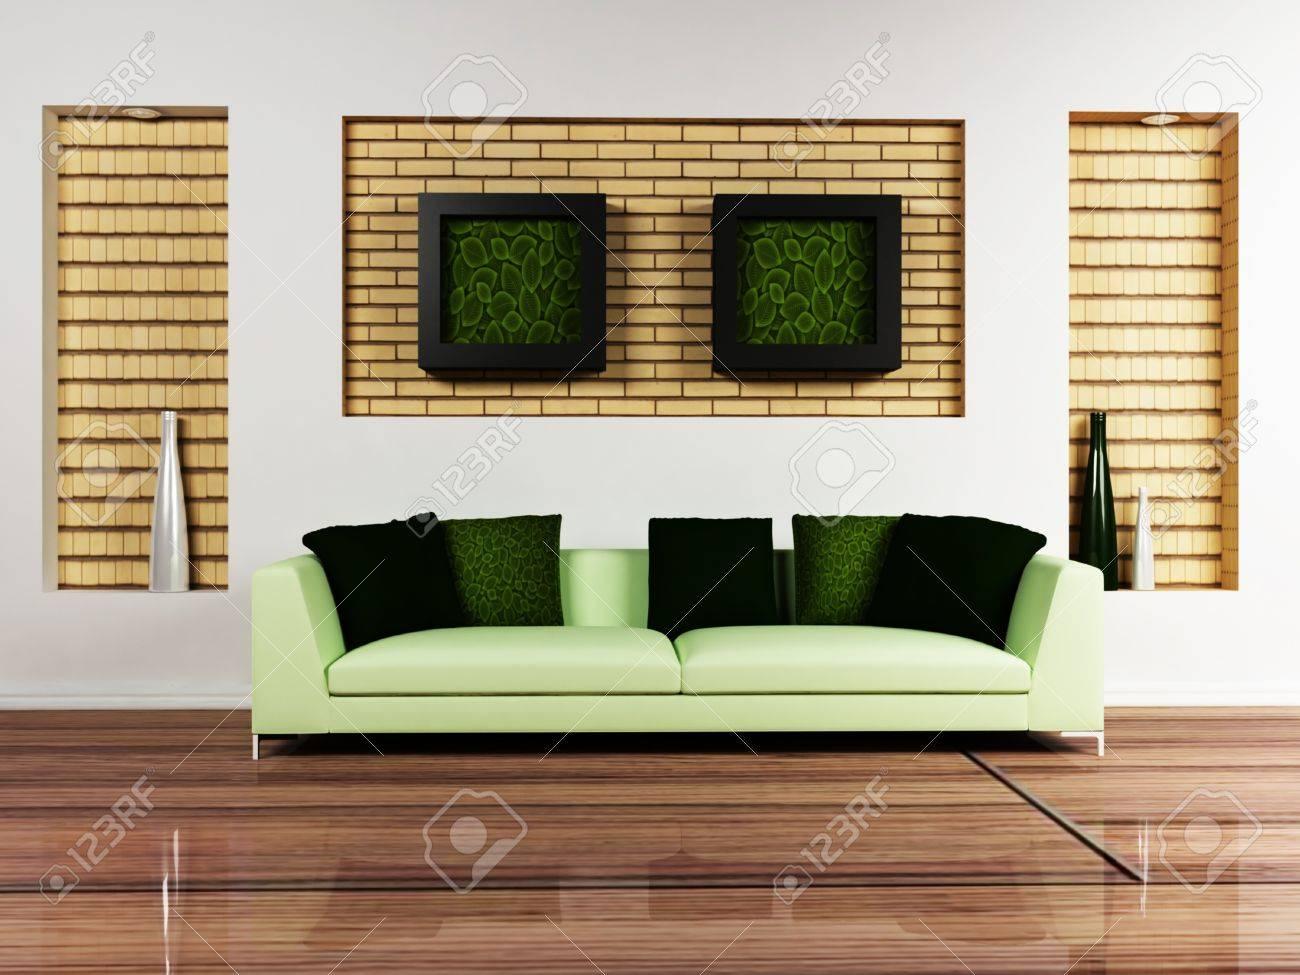 Modern interieur van een woonkamer met een mooie bank en de foto's ...